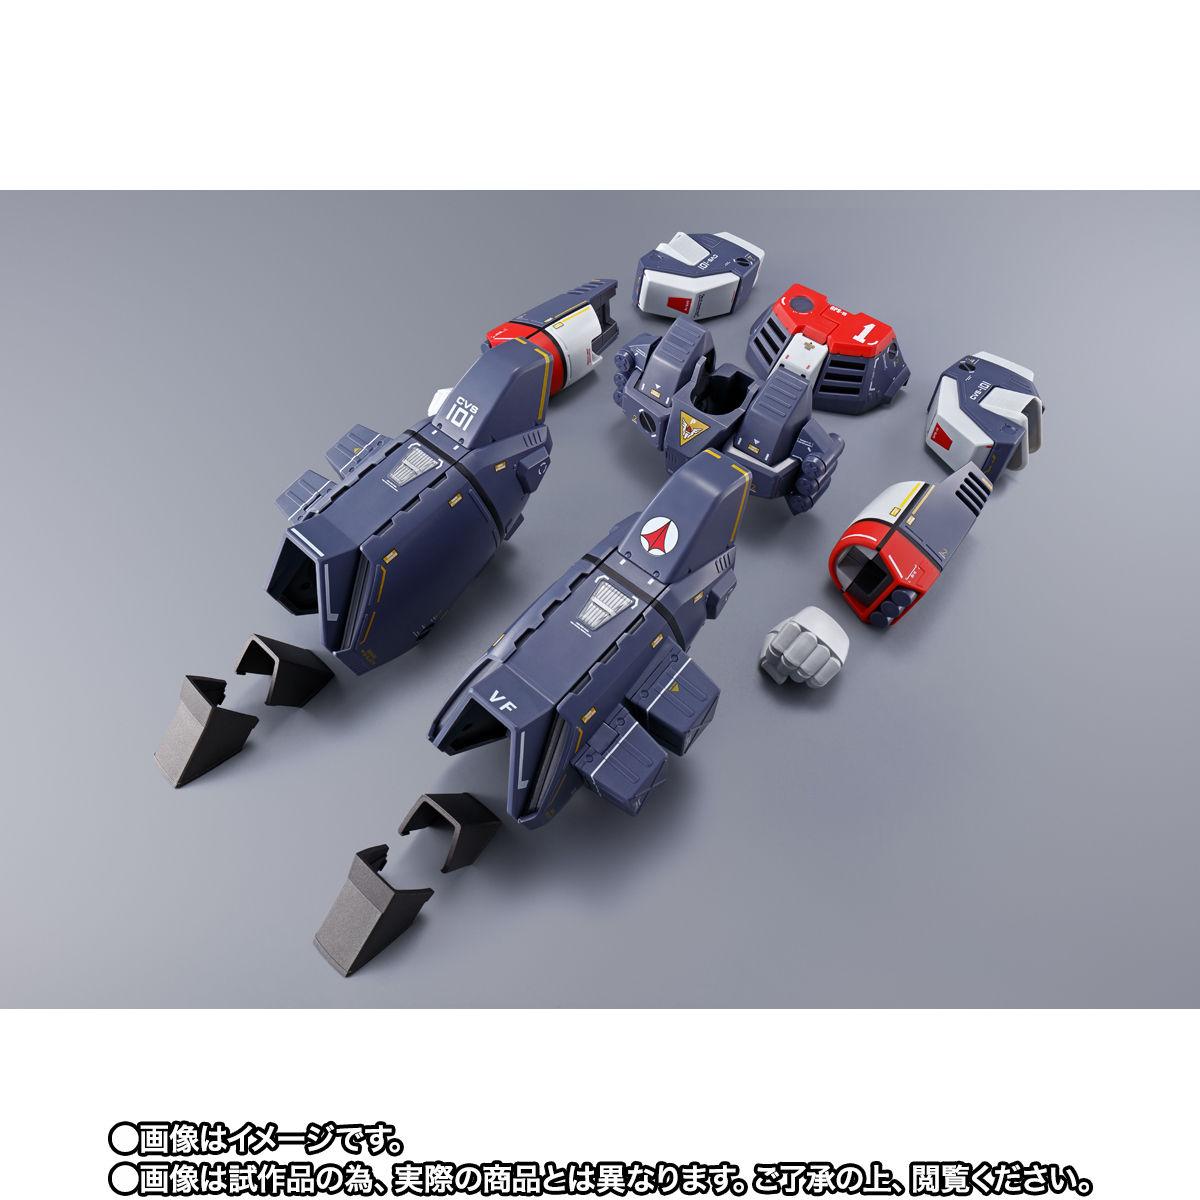 【限定販売】DX超合金『VF-1J対応アーマードパーツセット』超時空要塞マクロス オプションパーツ-005